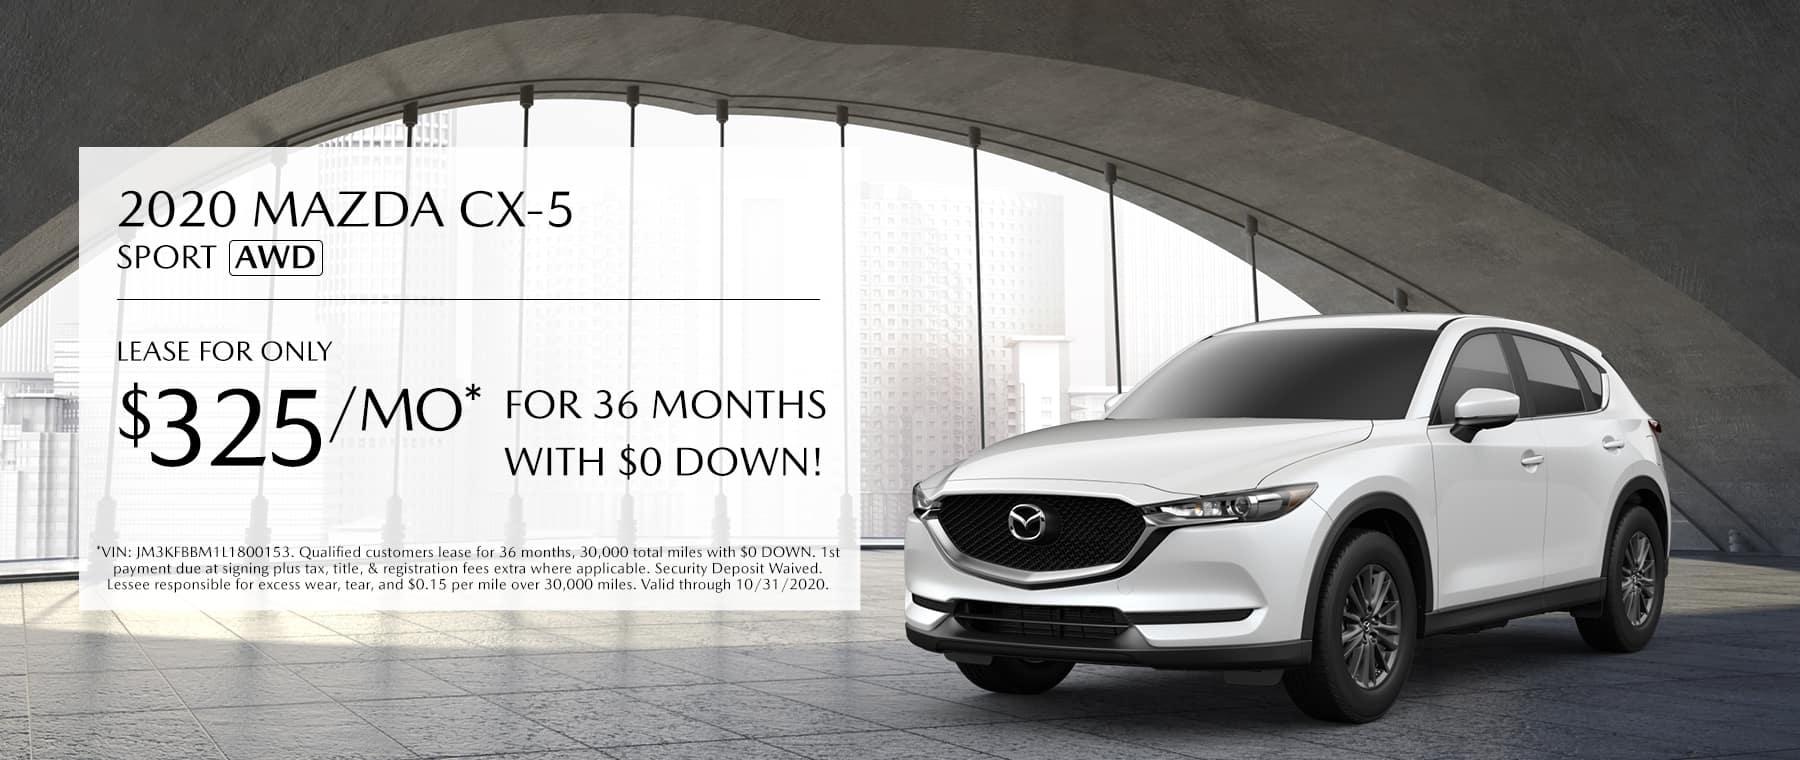 2020 Mazda CX-5 Offer